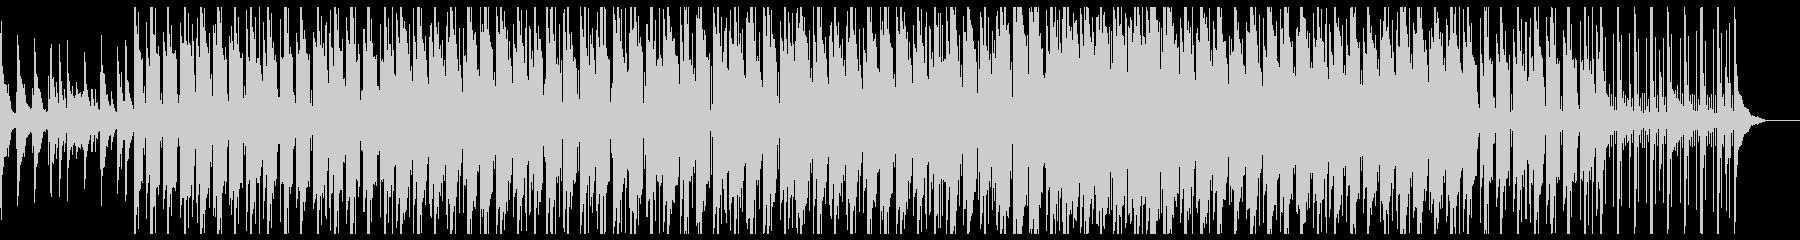 ジャジーなLo-Fi アナログノイズ無しの未再生の波形